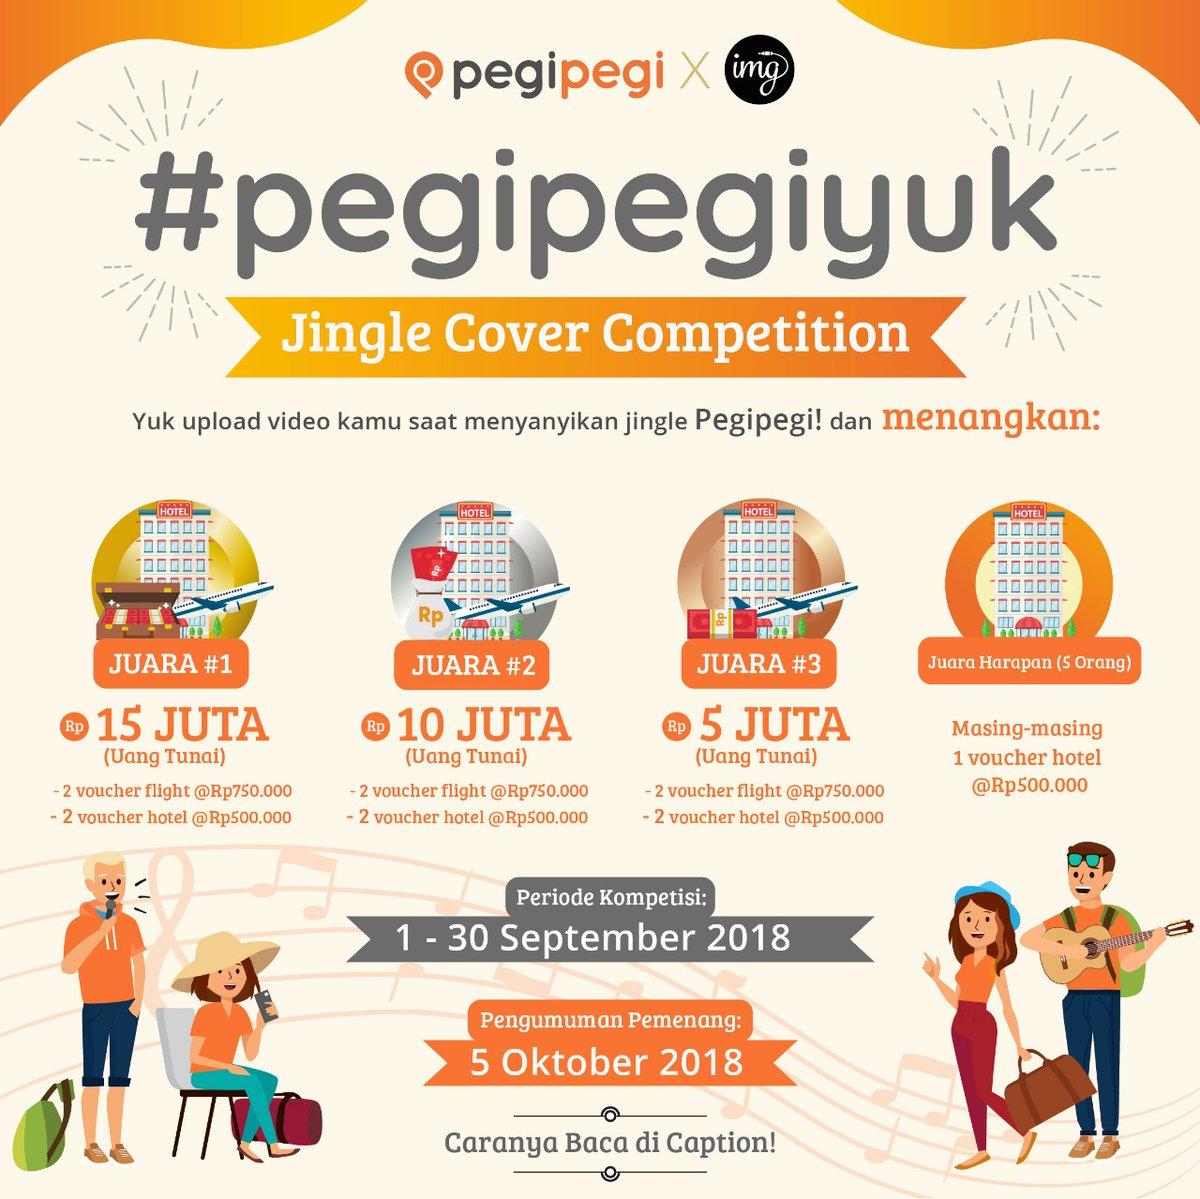 PegiPegi - Promo Kontes Jingle Cover Competition (s.d 30 Sept 2018)